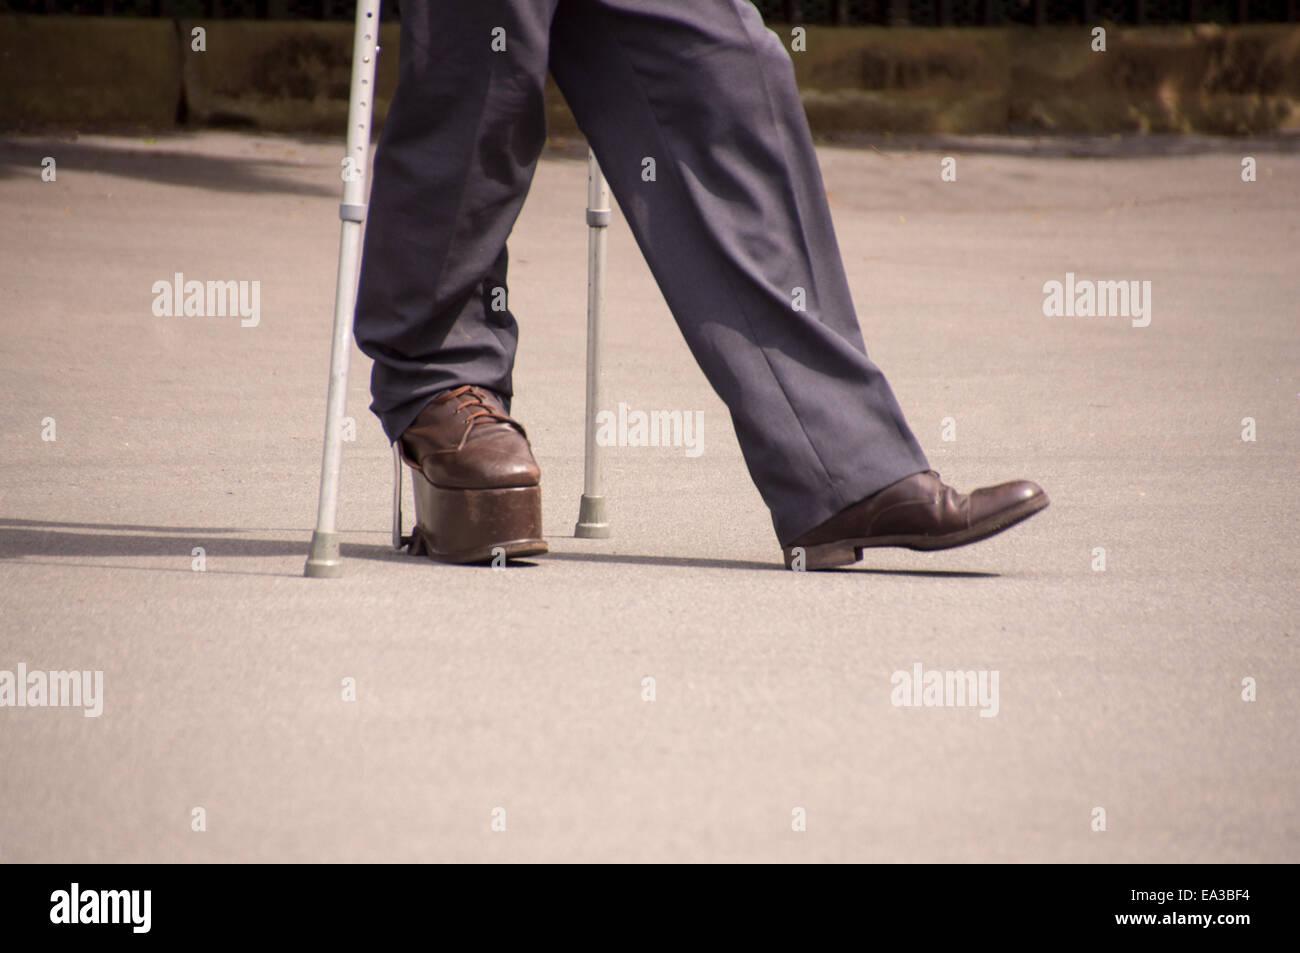 Nahaufnahme einer Person mit einer Behinderung. Stockbild